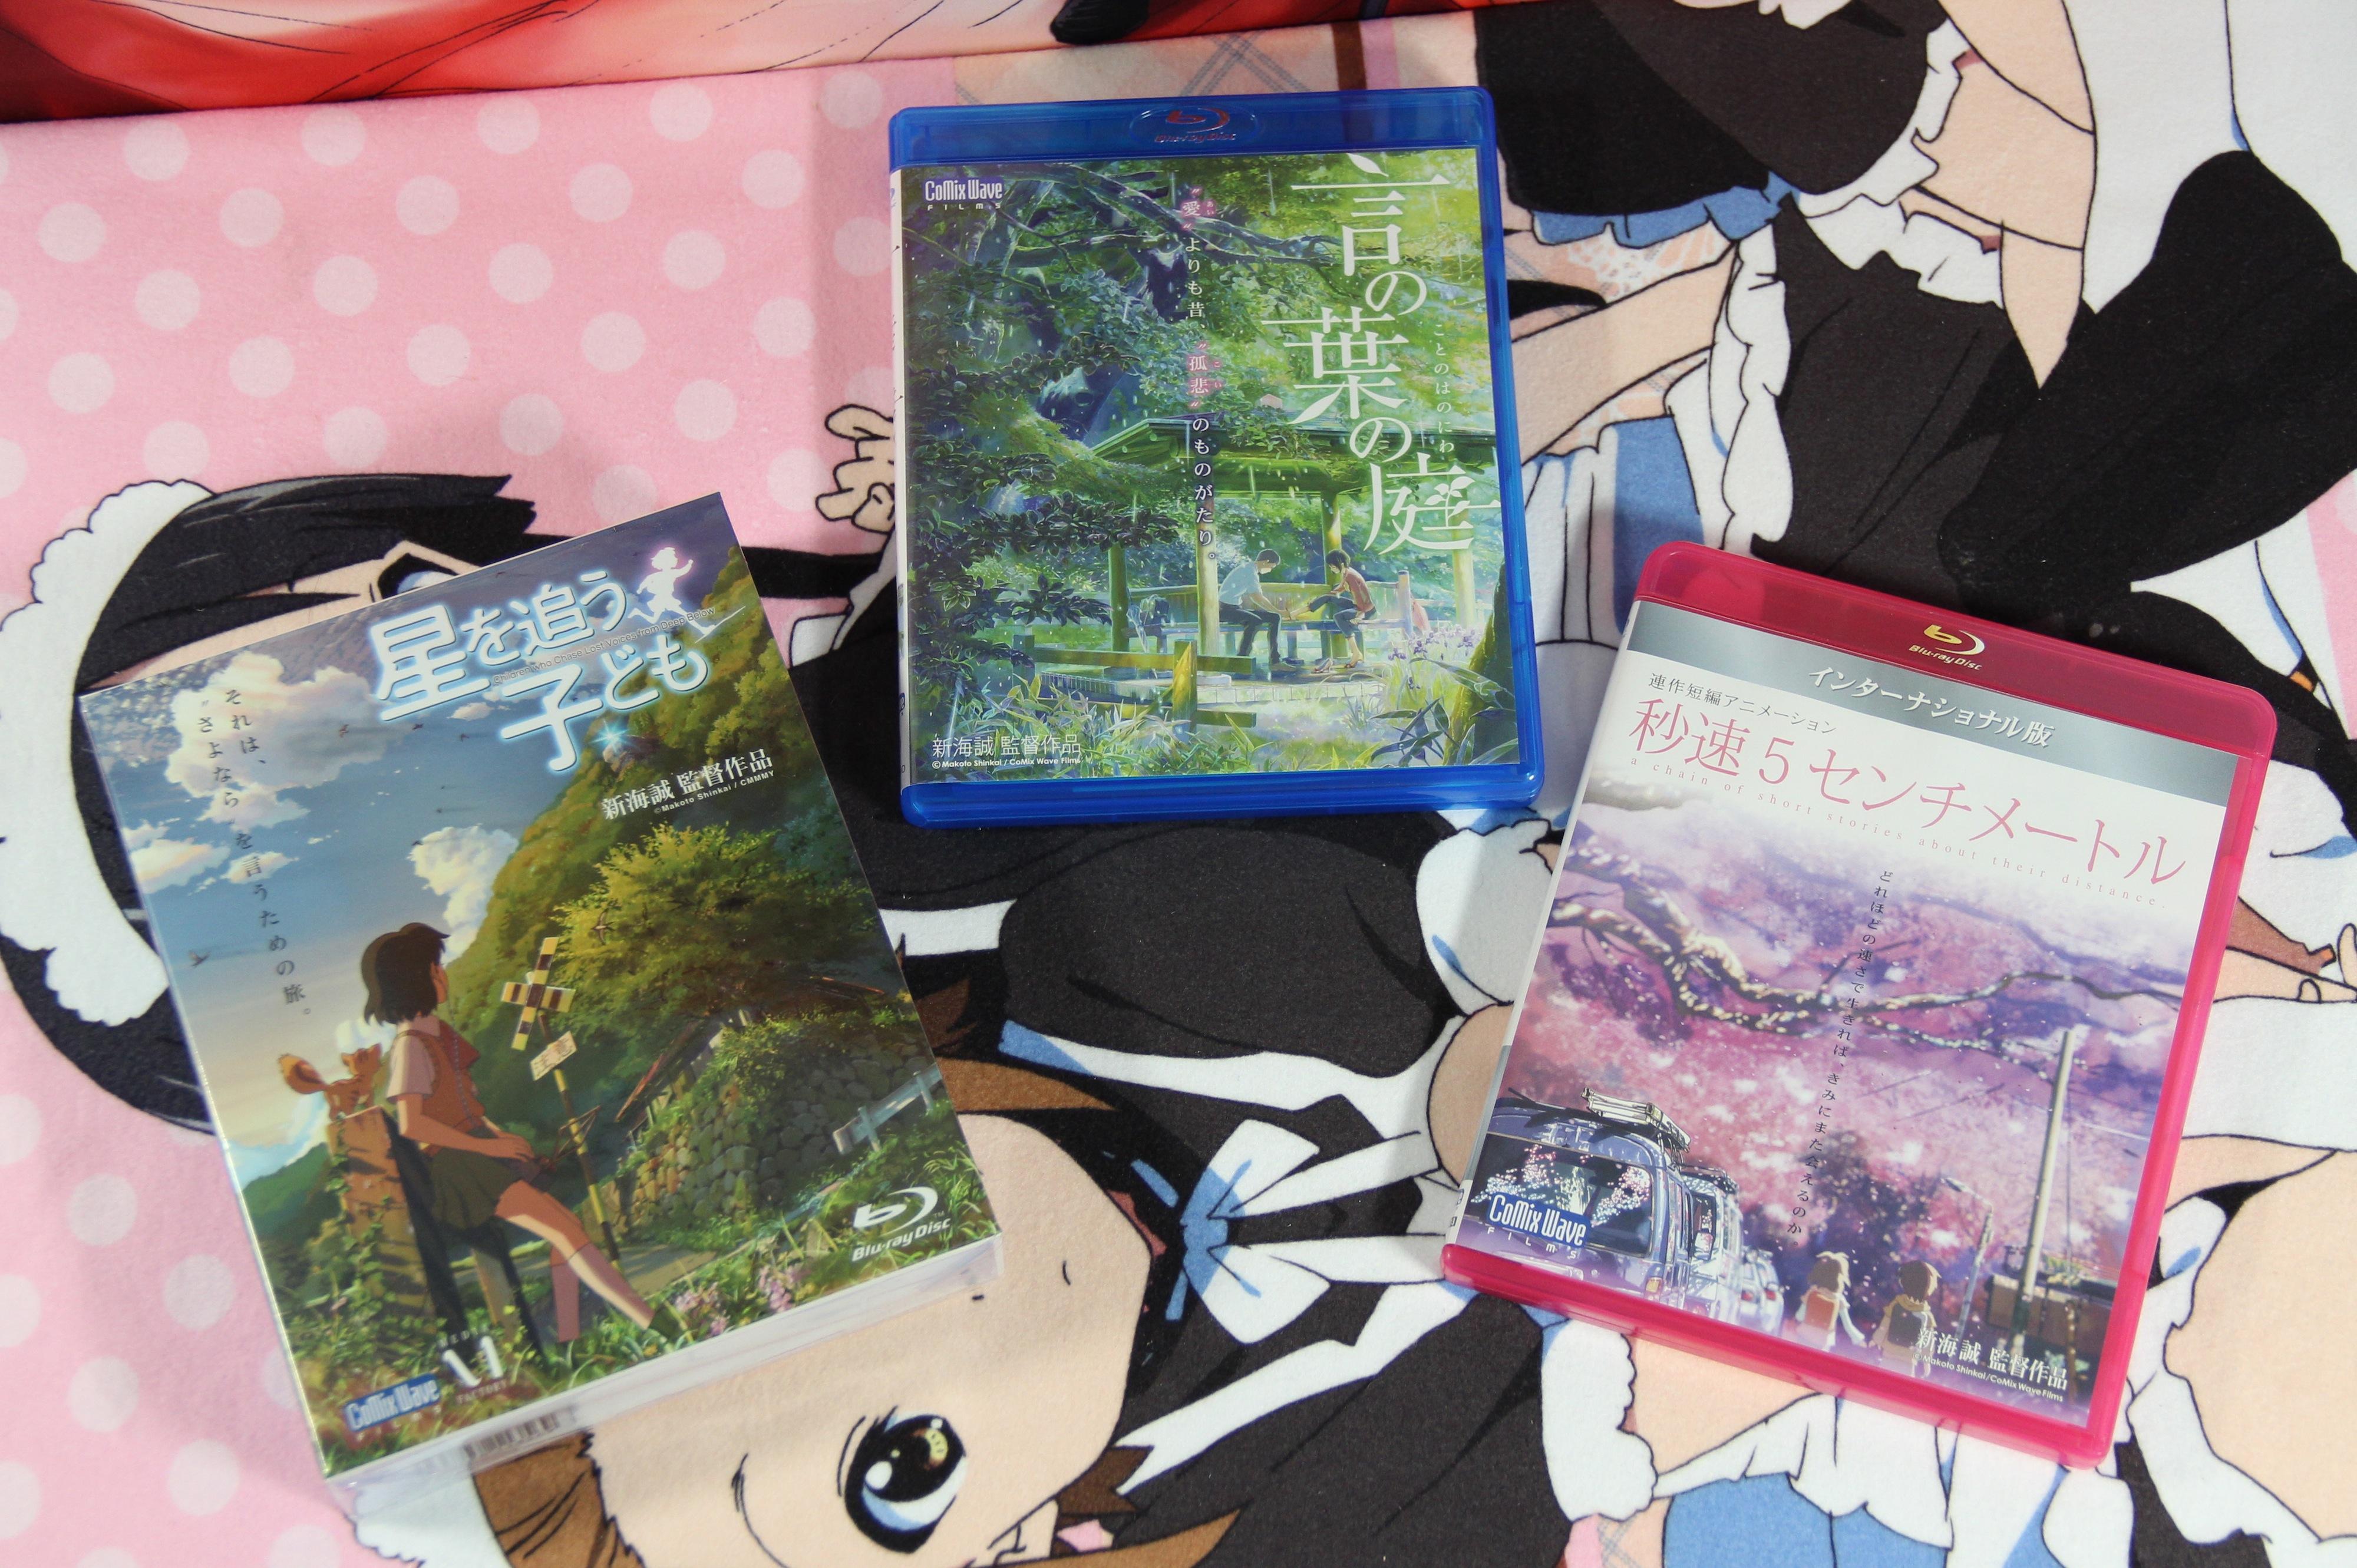 touhou_project media_factory tenmon shinkai_makoto blu-ray comix_wave hoshi_wo_ou_kodomo byousoku_5_centimeter hoshi_no_koe kanojo_to_kanojo_no_neko kotonoha_no_niwa